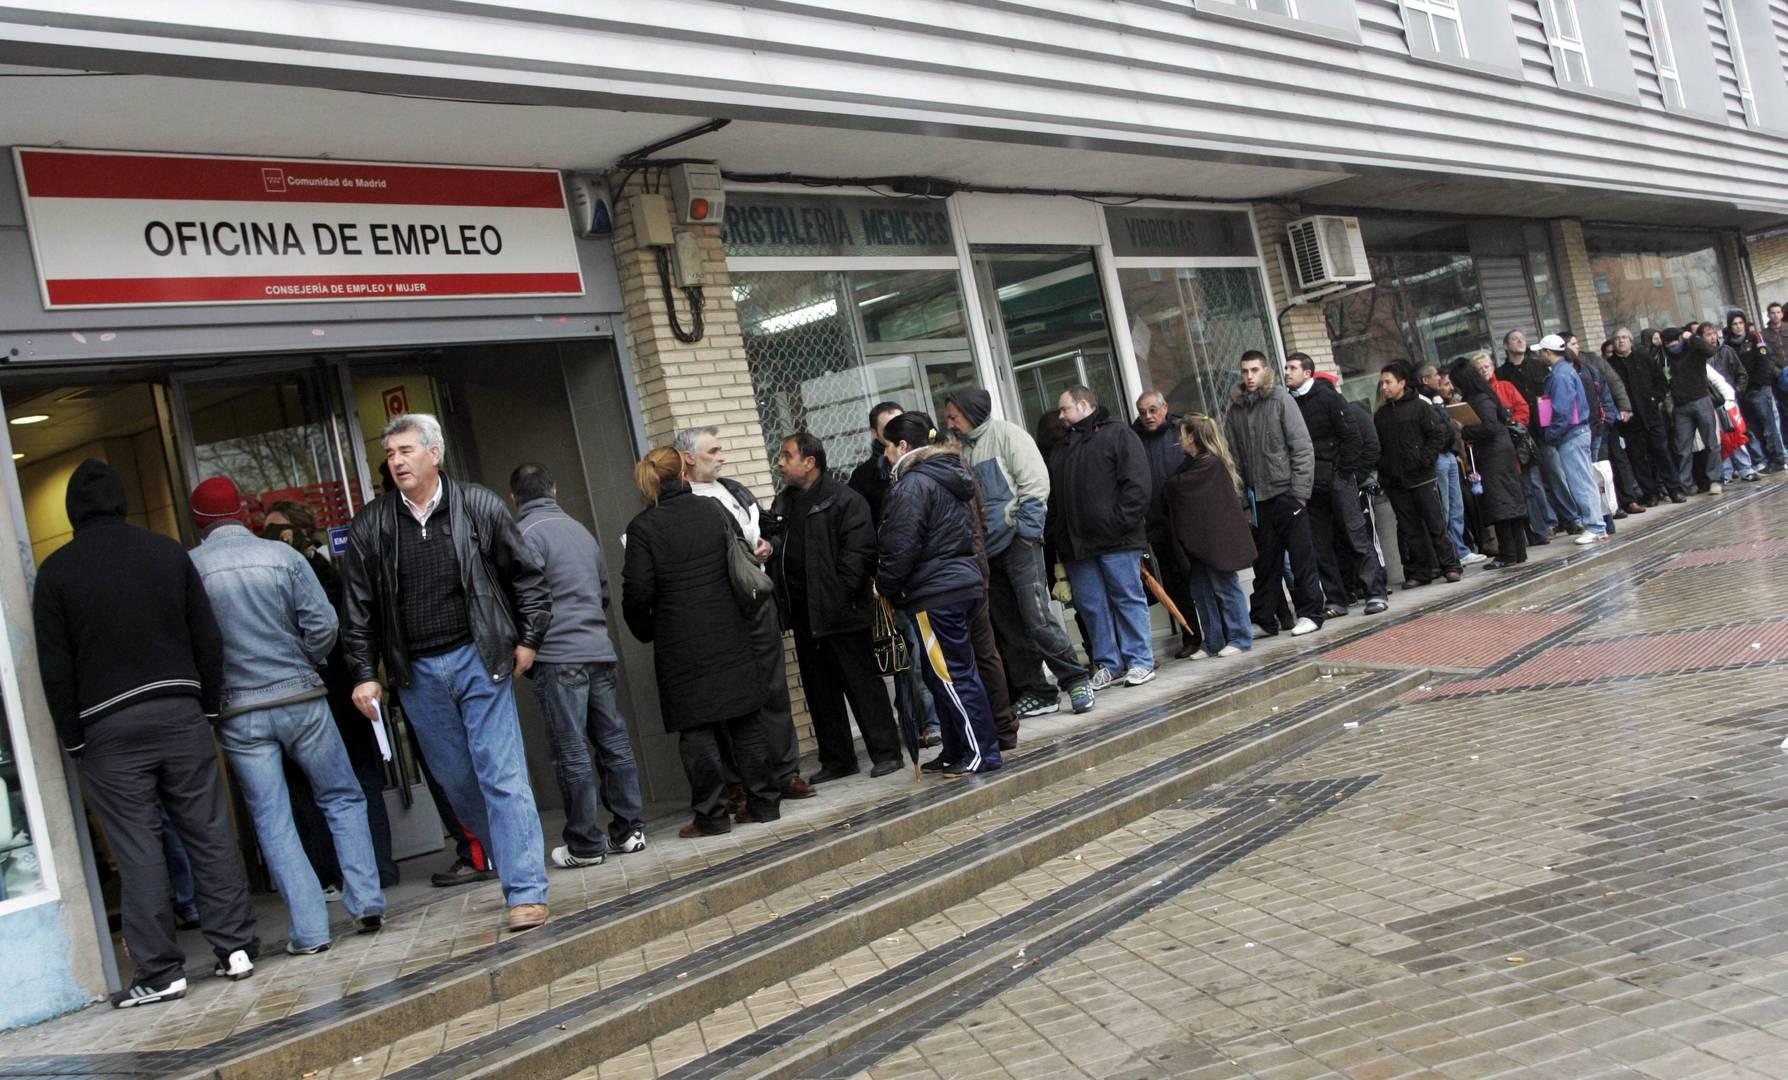 La ocde destapa las verg enzas del mercado laboral en espa a libre mercado - Oficina de desempleo ...